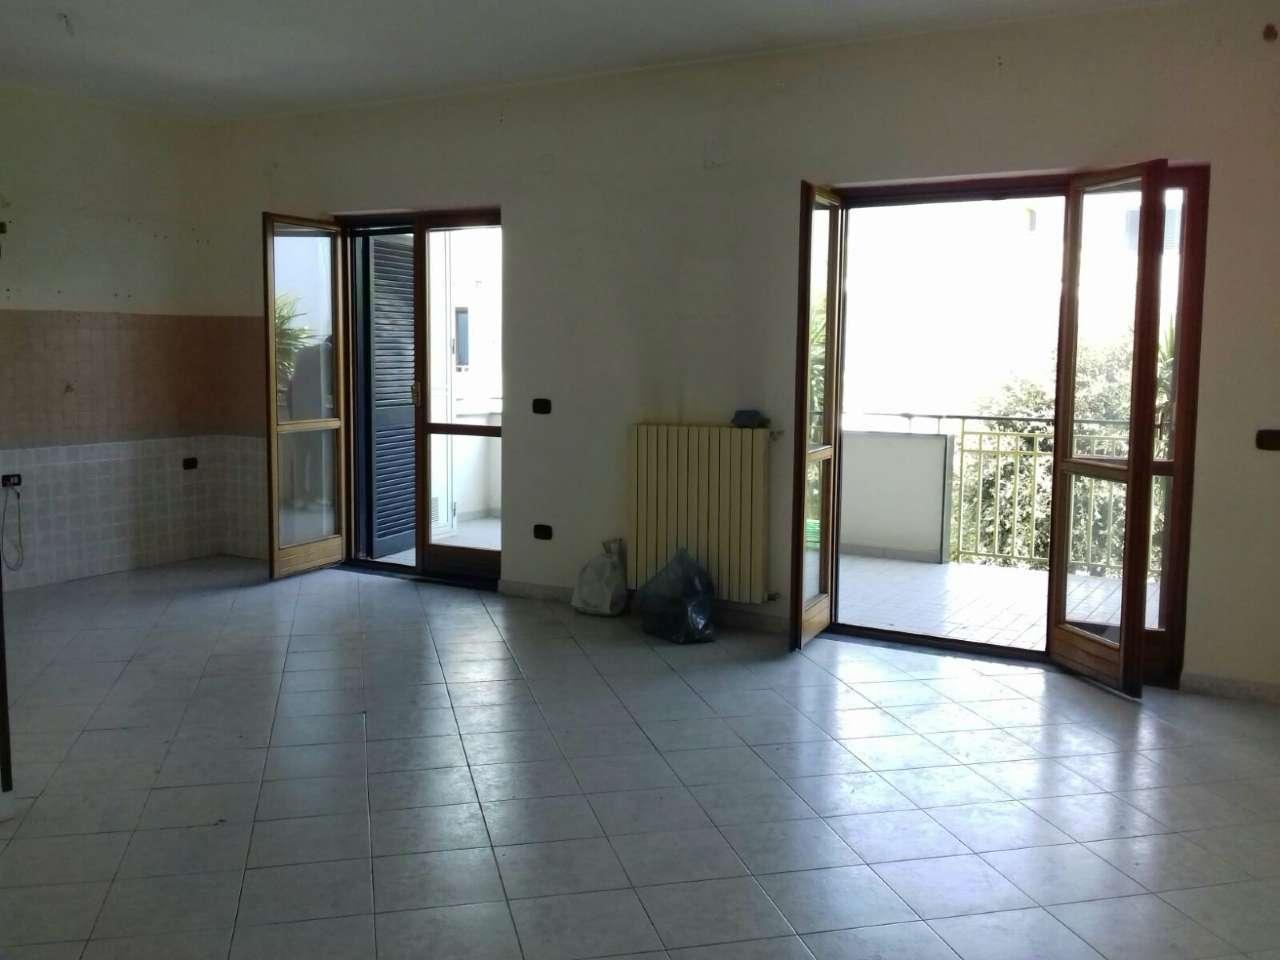 Appartamento in vendita a Saviano, 3 locali, prezzo € 135.000 | CambioCasa.it